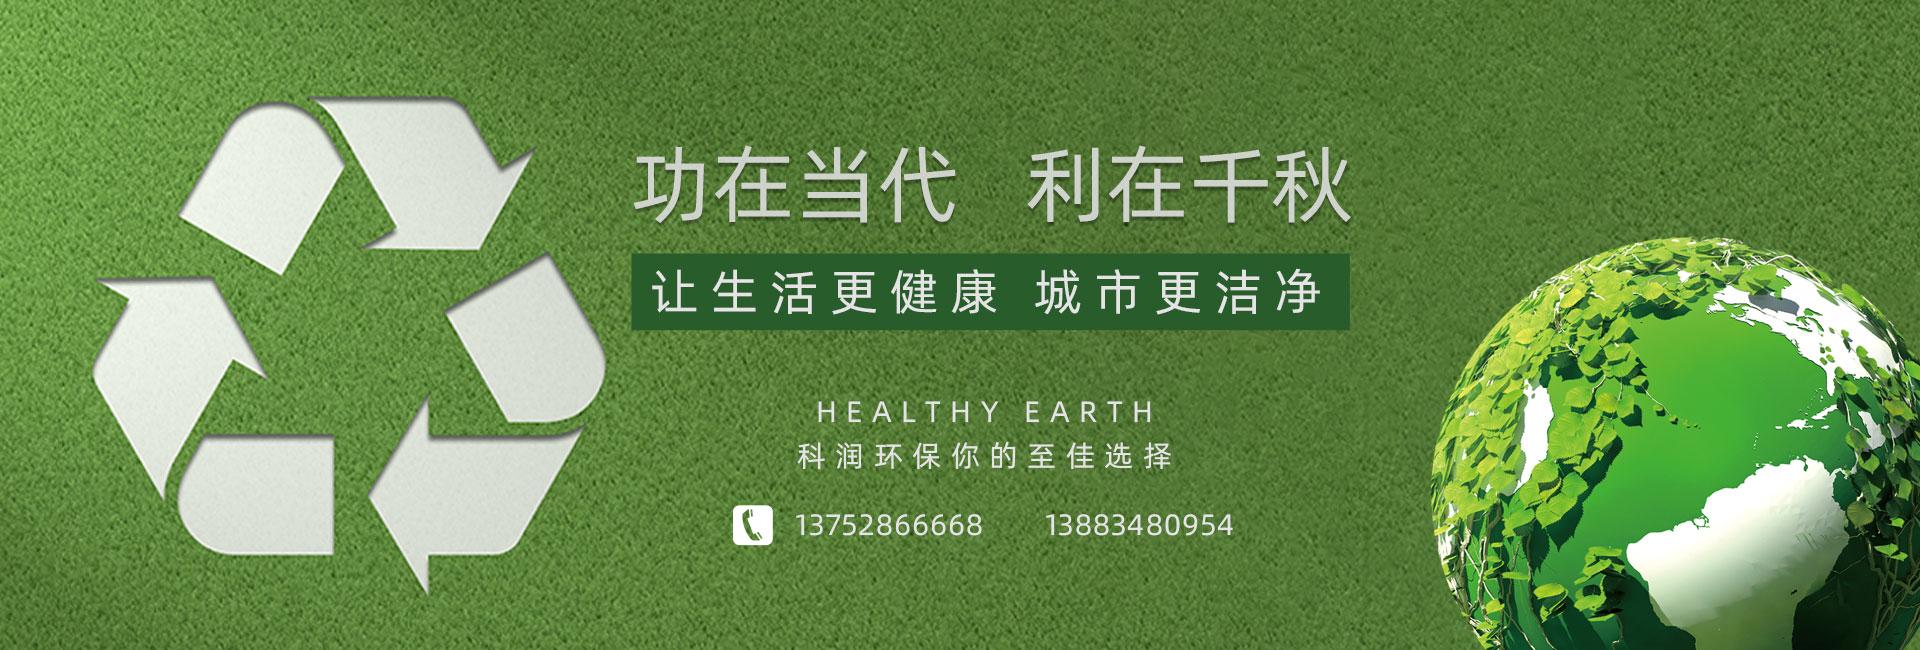 重庆废油回收公司